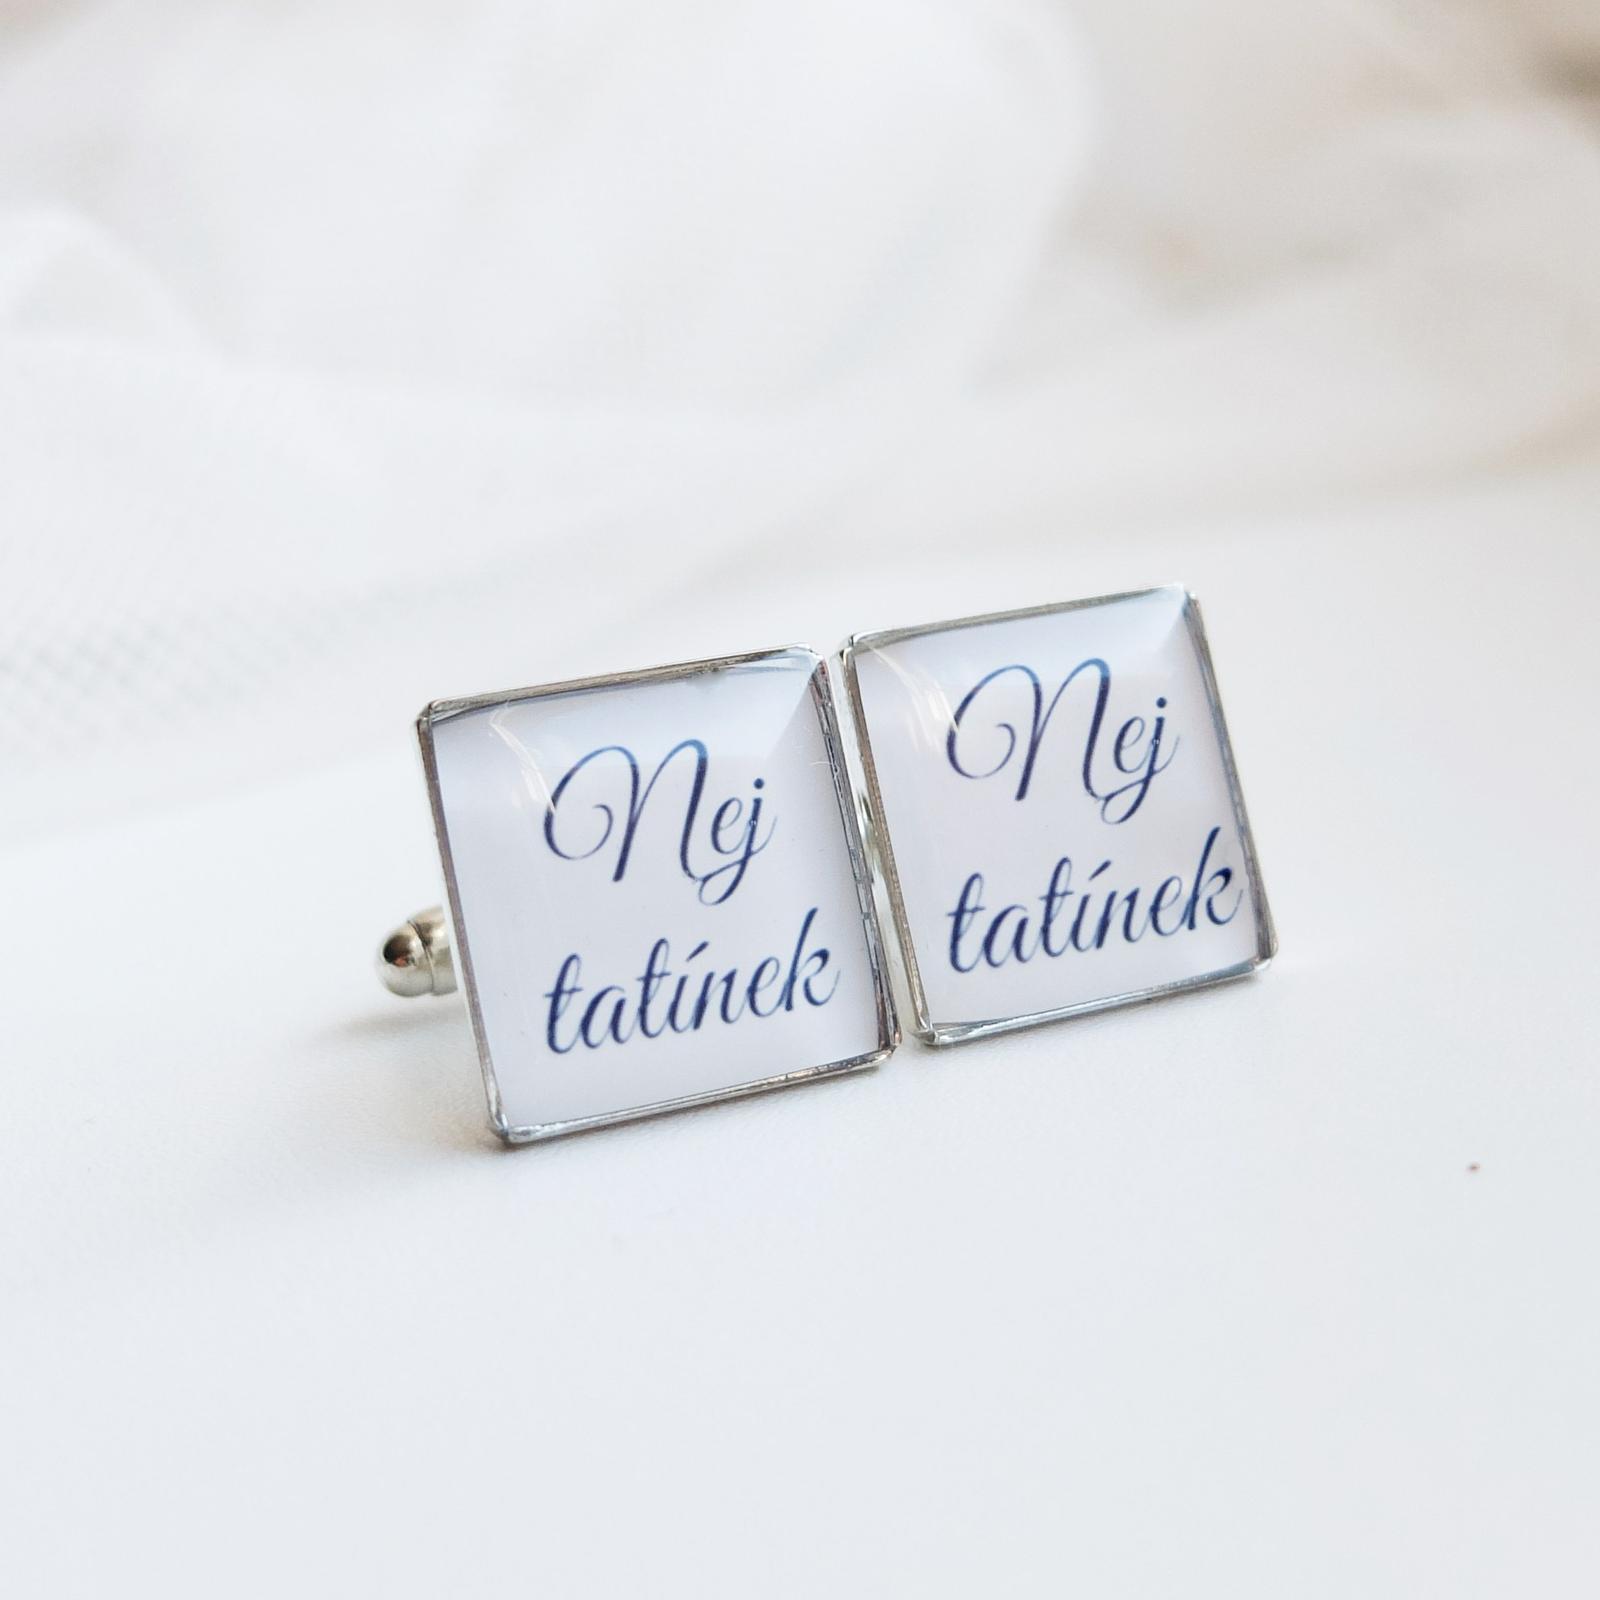 Svatební kolekce 2019 - Dárky na svatbu pro všechny vaše nejbližší najdete u nás na eshopu >> https://designempathy.cz/darky-s-venovanim/